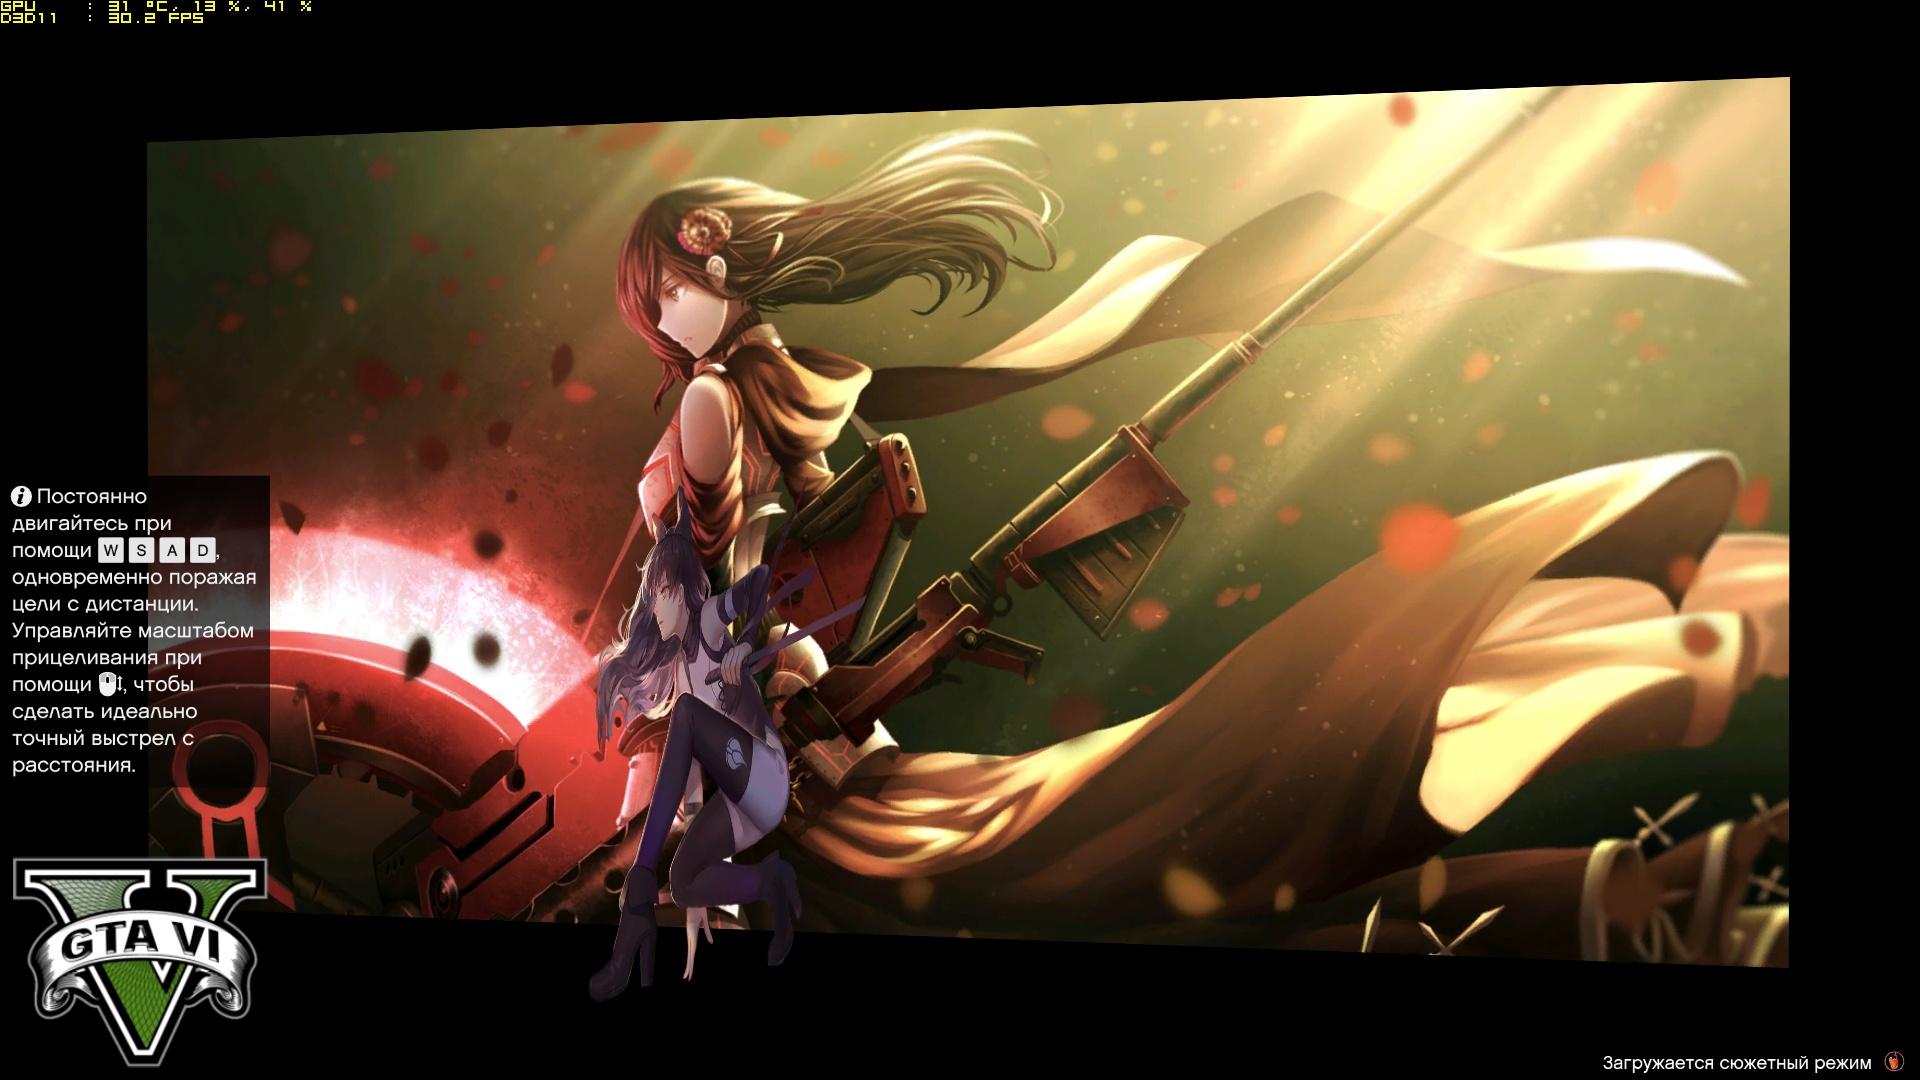 Anime Loading Screens Gta5 Mods Com